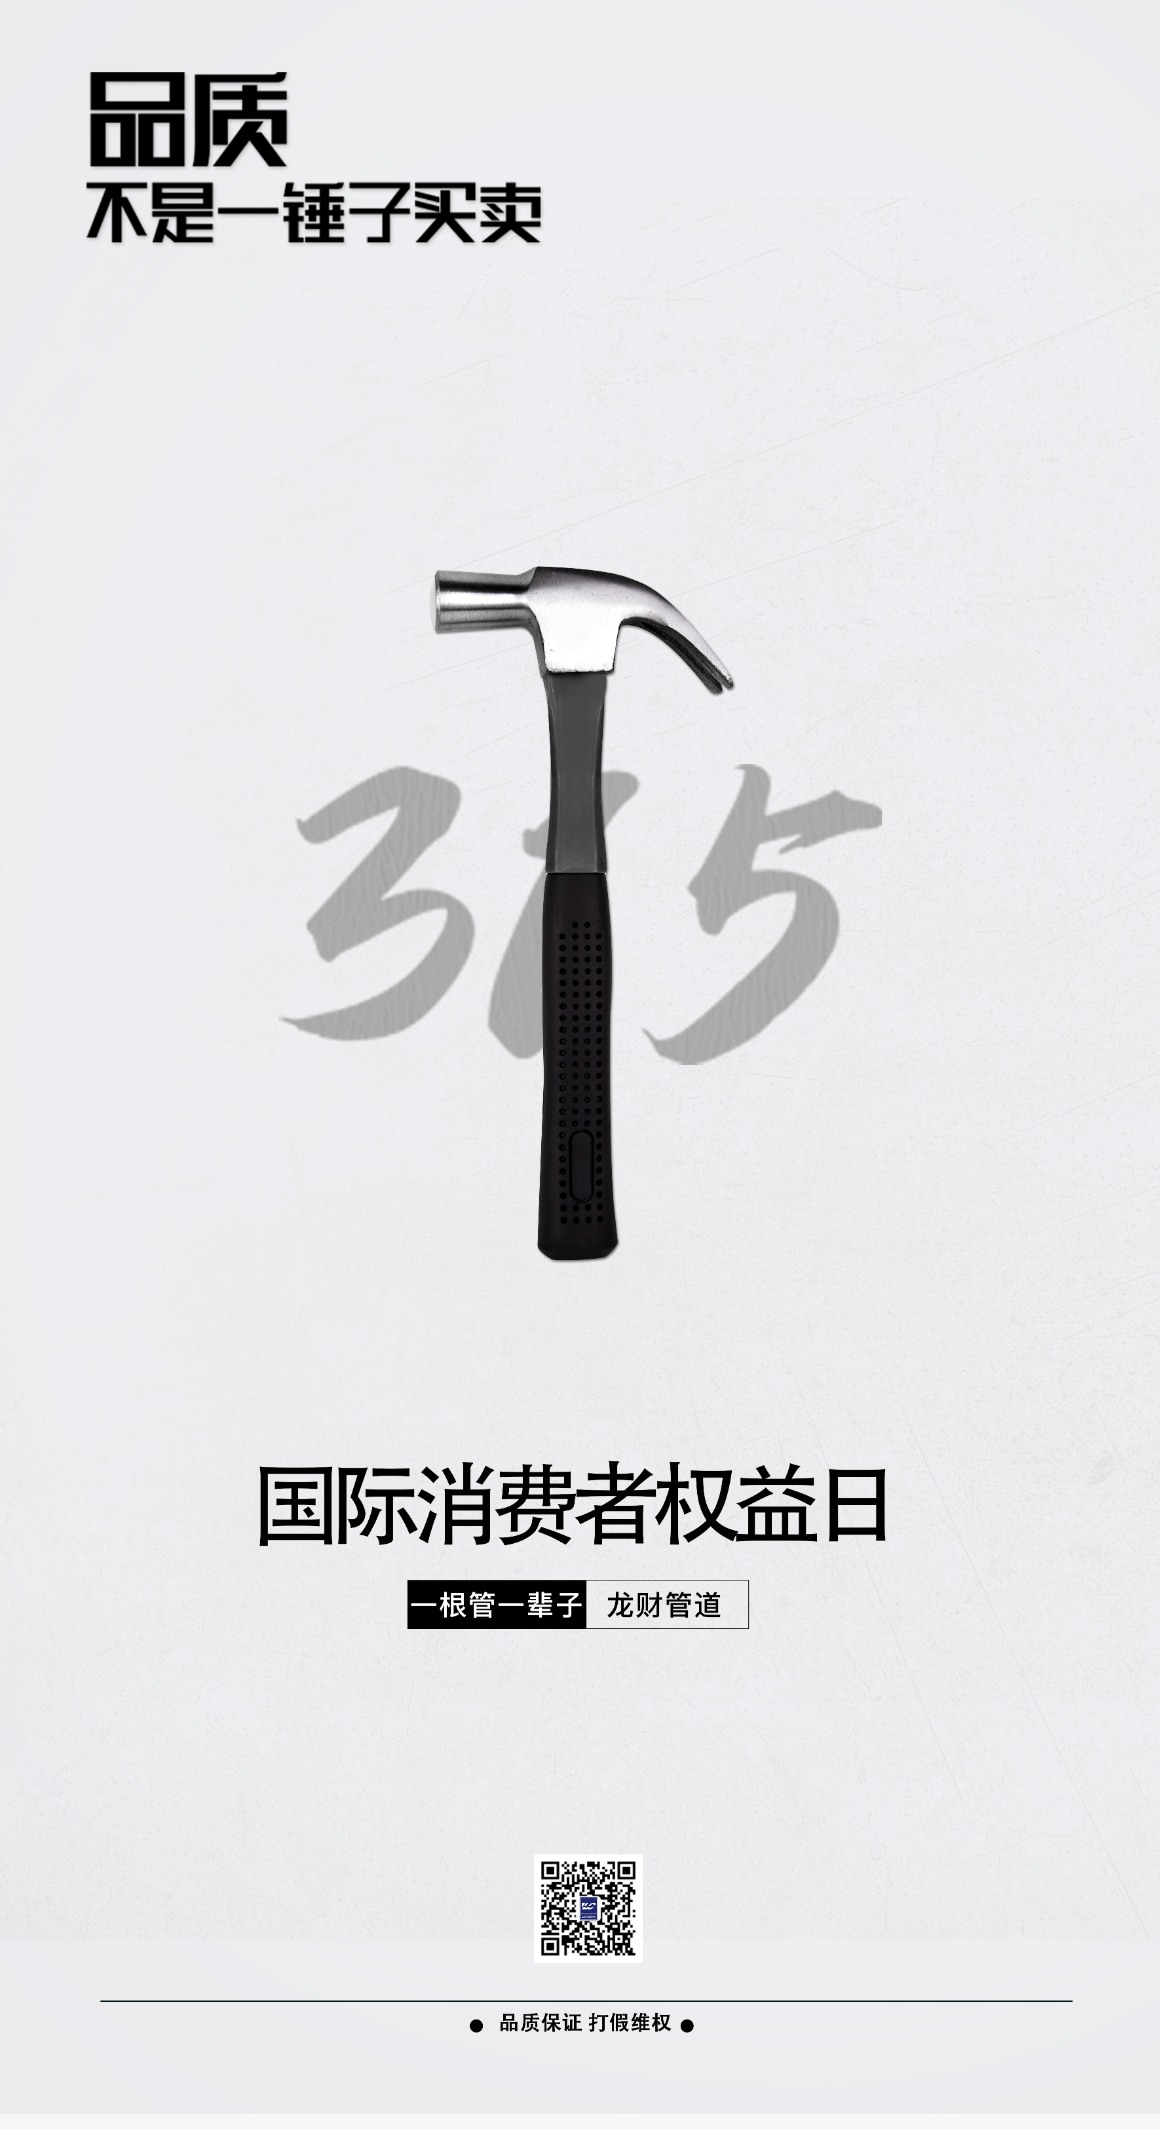 贝博游戏平台|贝博官网app|贝博游戏管道|315日,品质不是一锤子买卖!